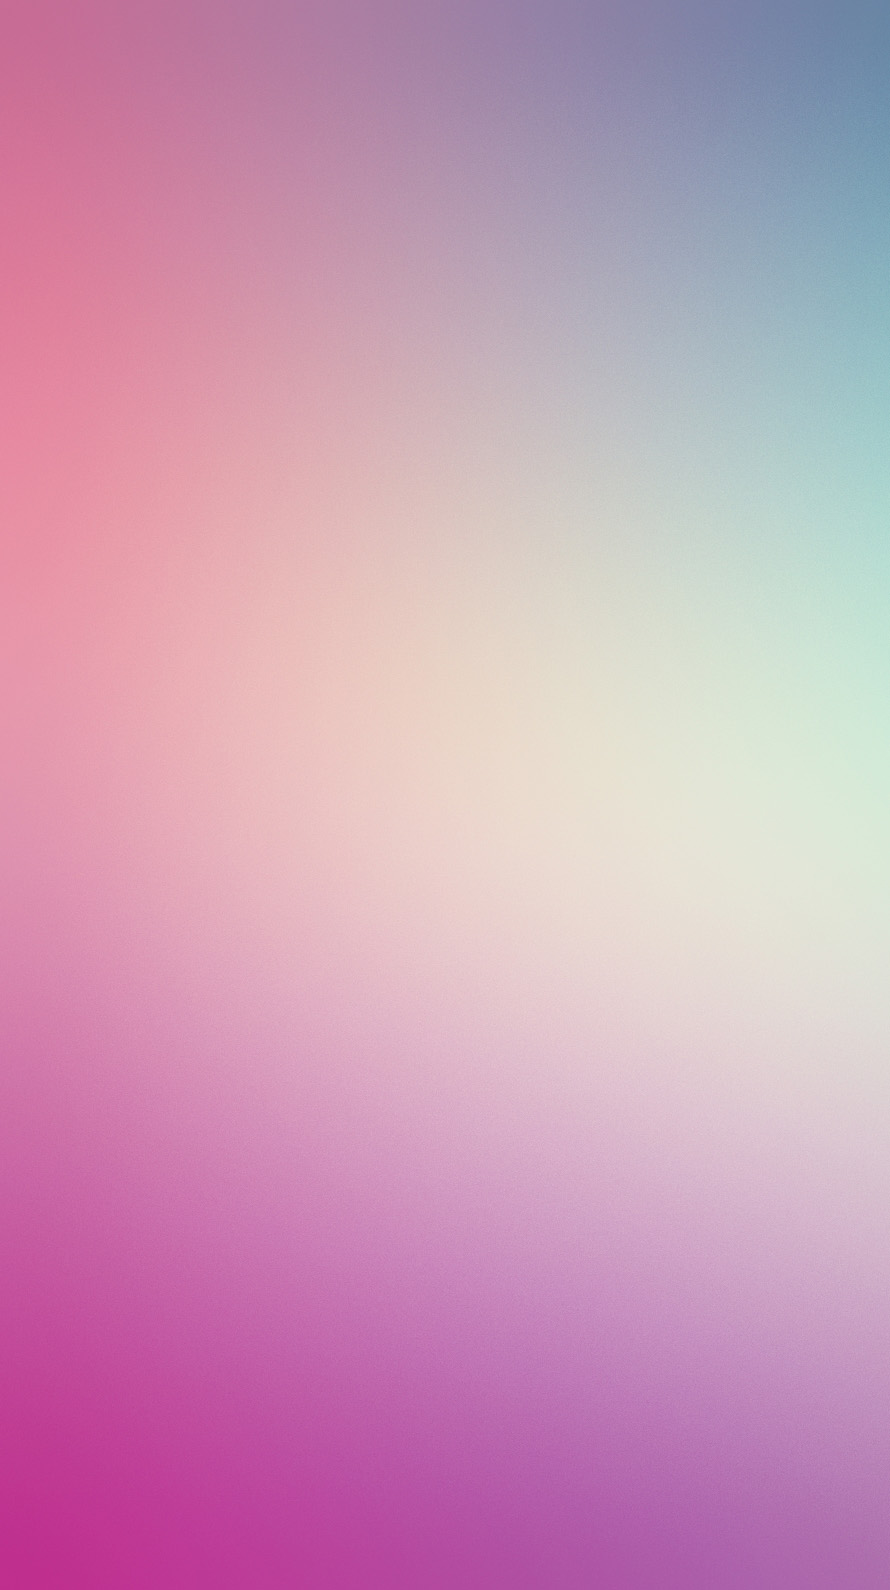 綺麗な紫系のグラデーション Iphone6壁紙 Wallpaperbox